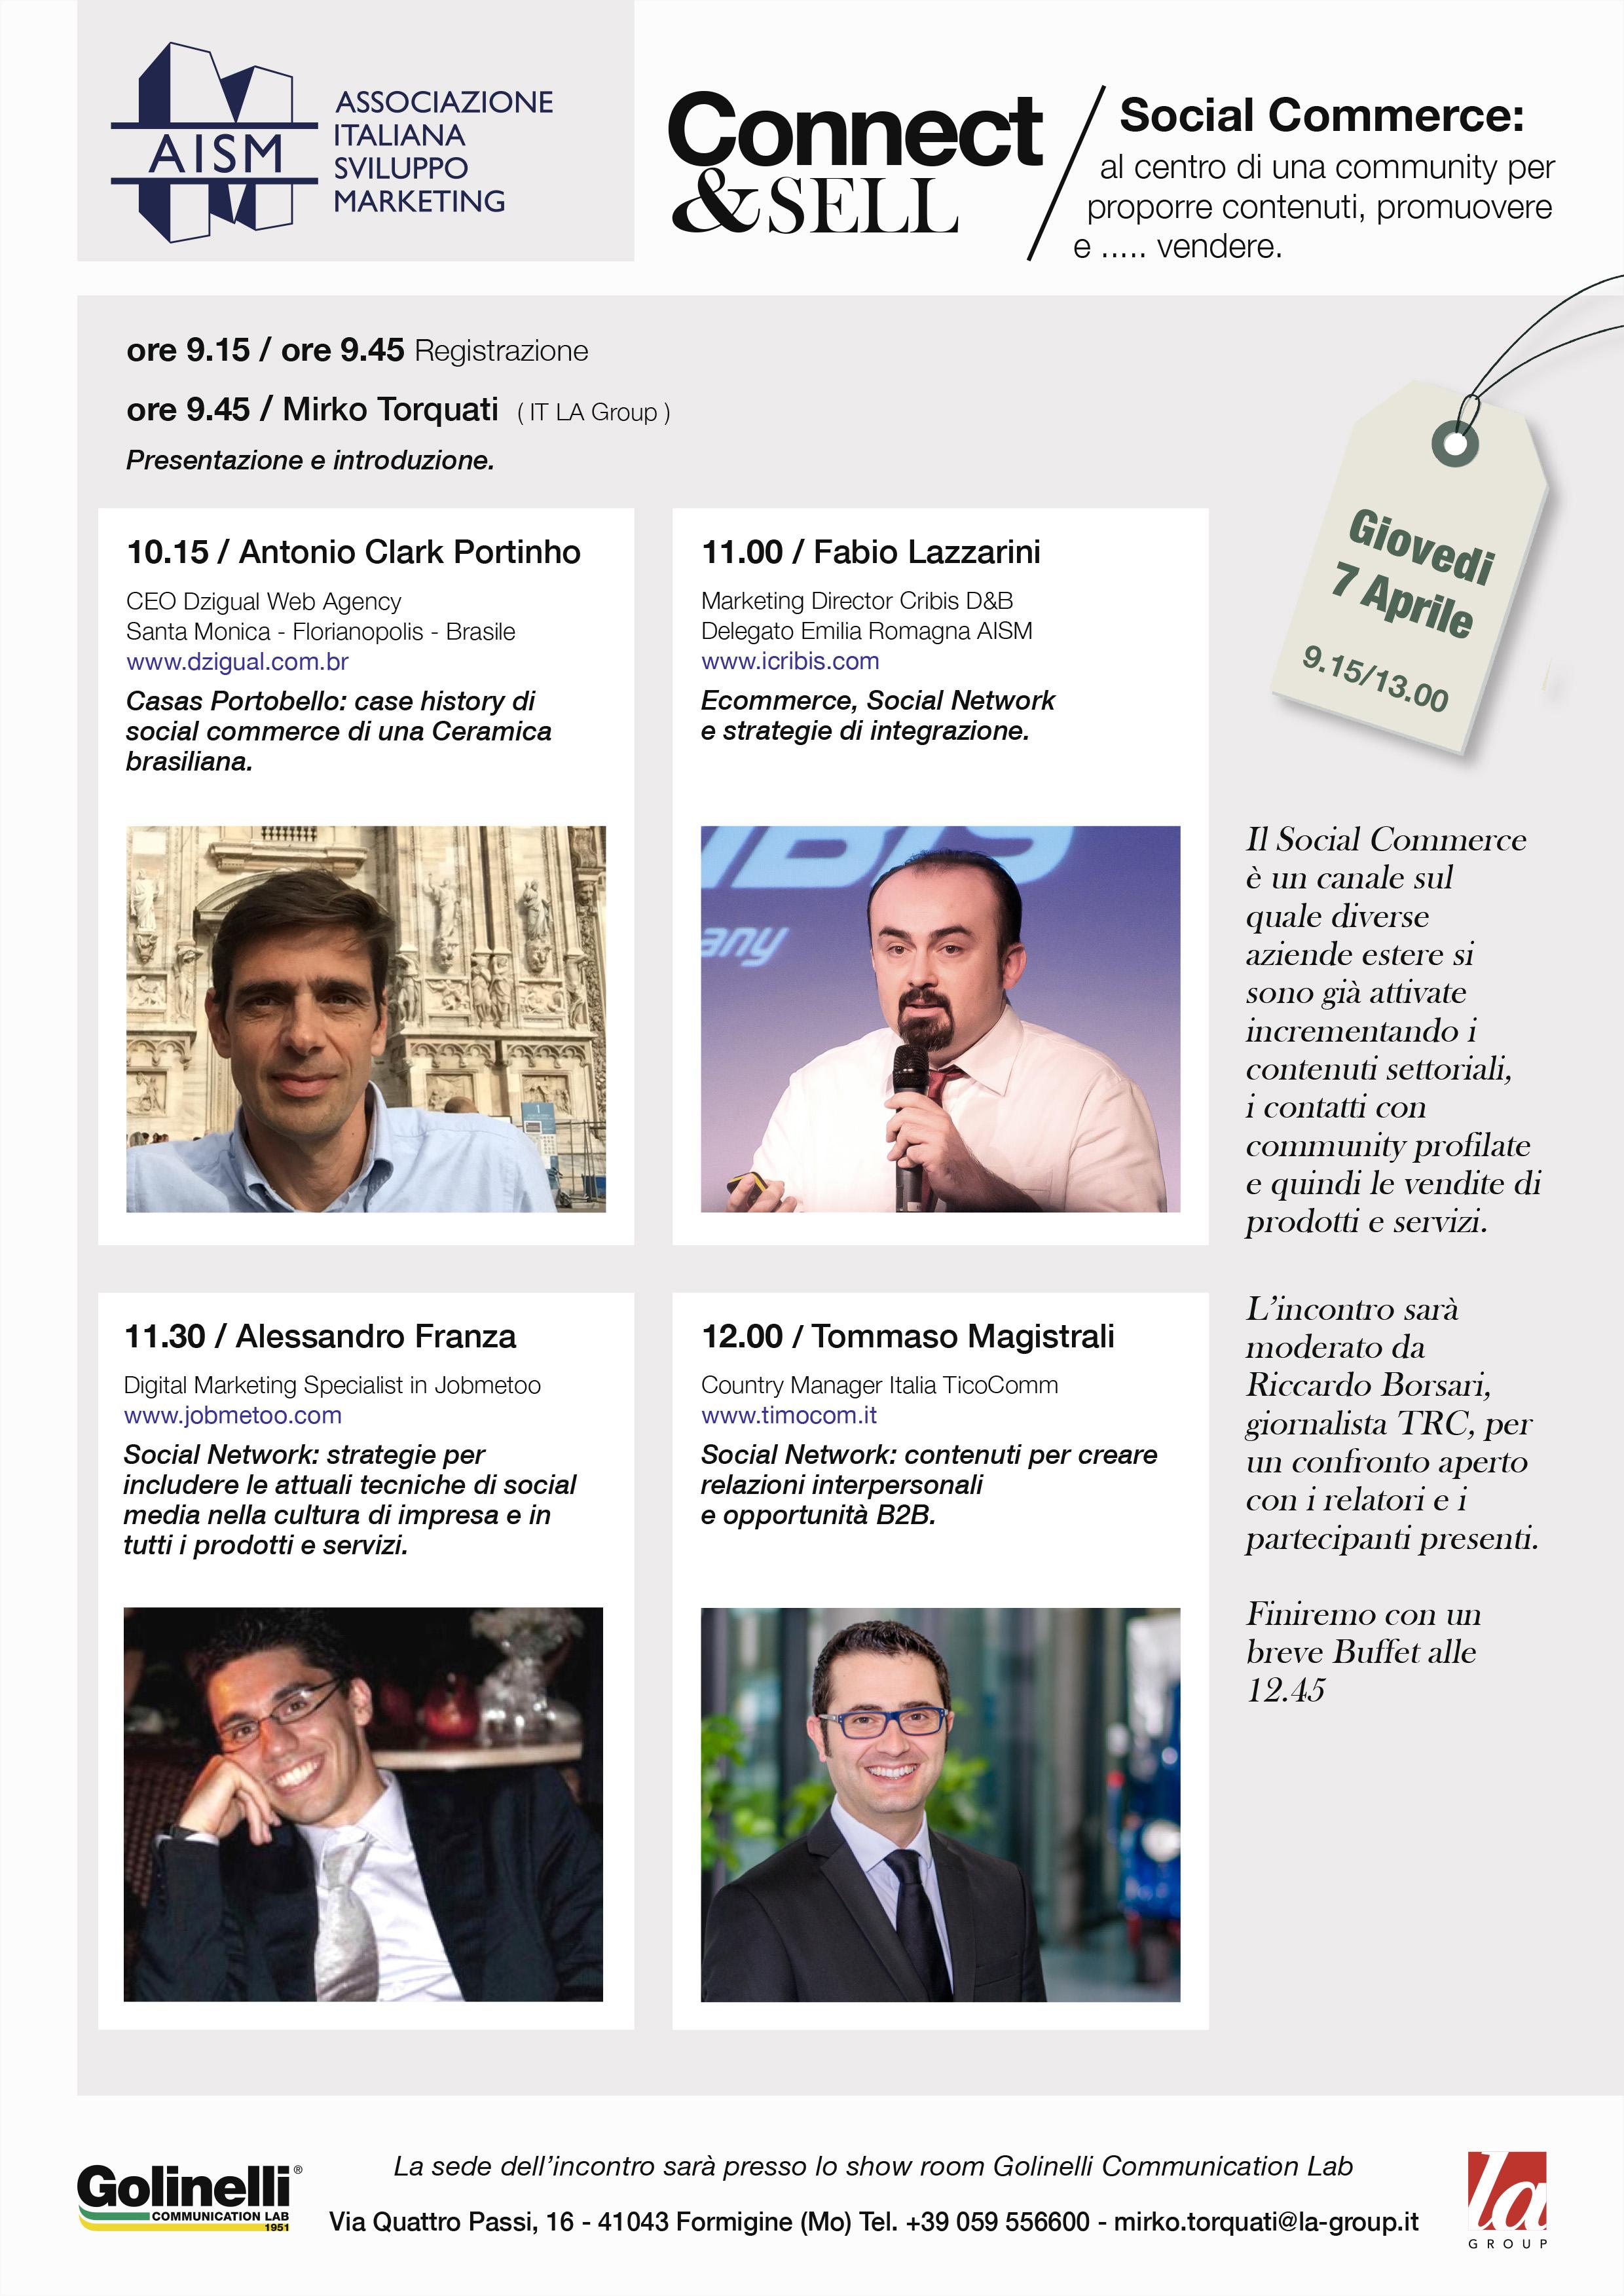 social commerce locandina